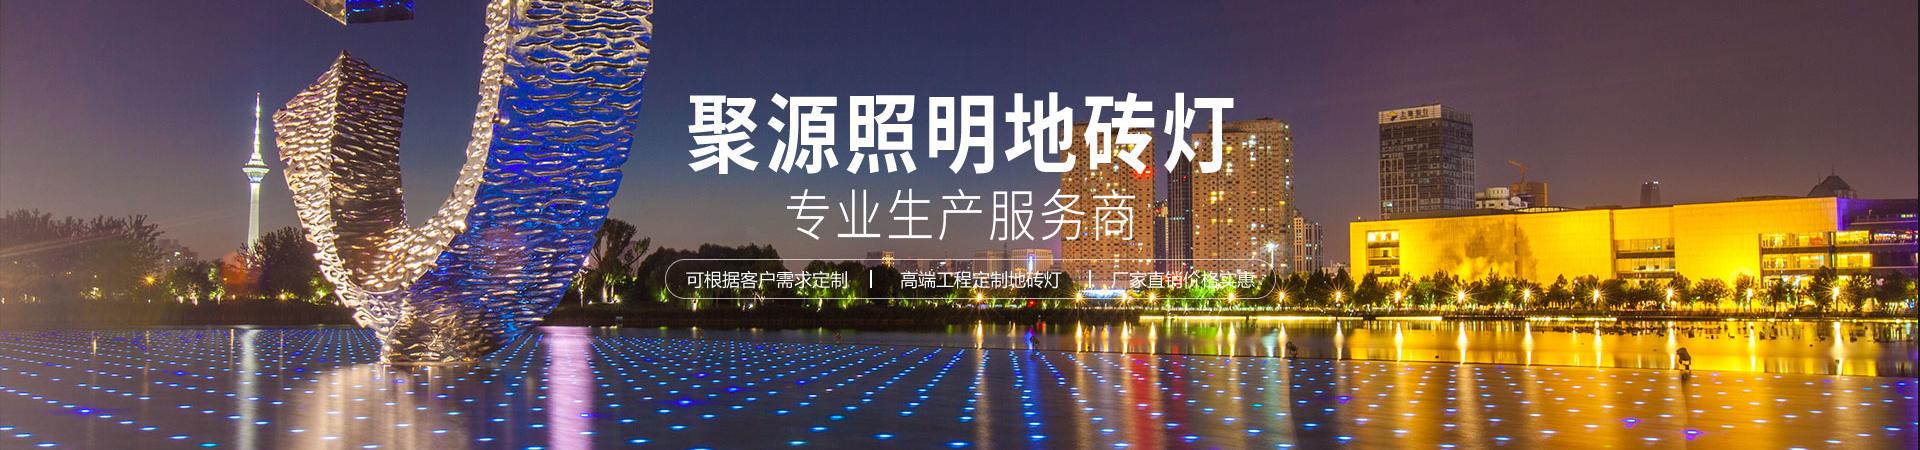 http://www.juyuanled.com/data/upload/202002/20200213153944_585.jpg